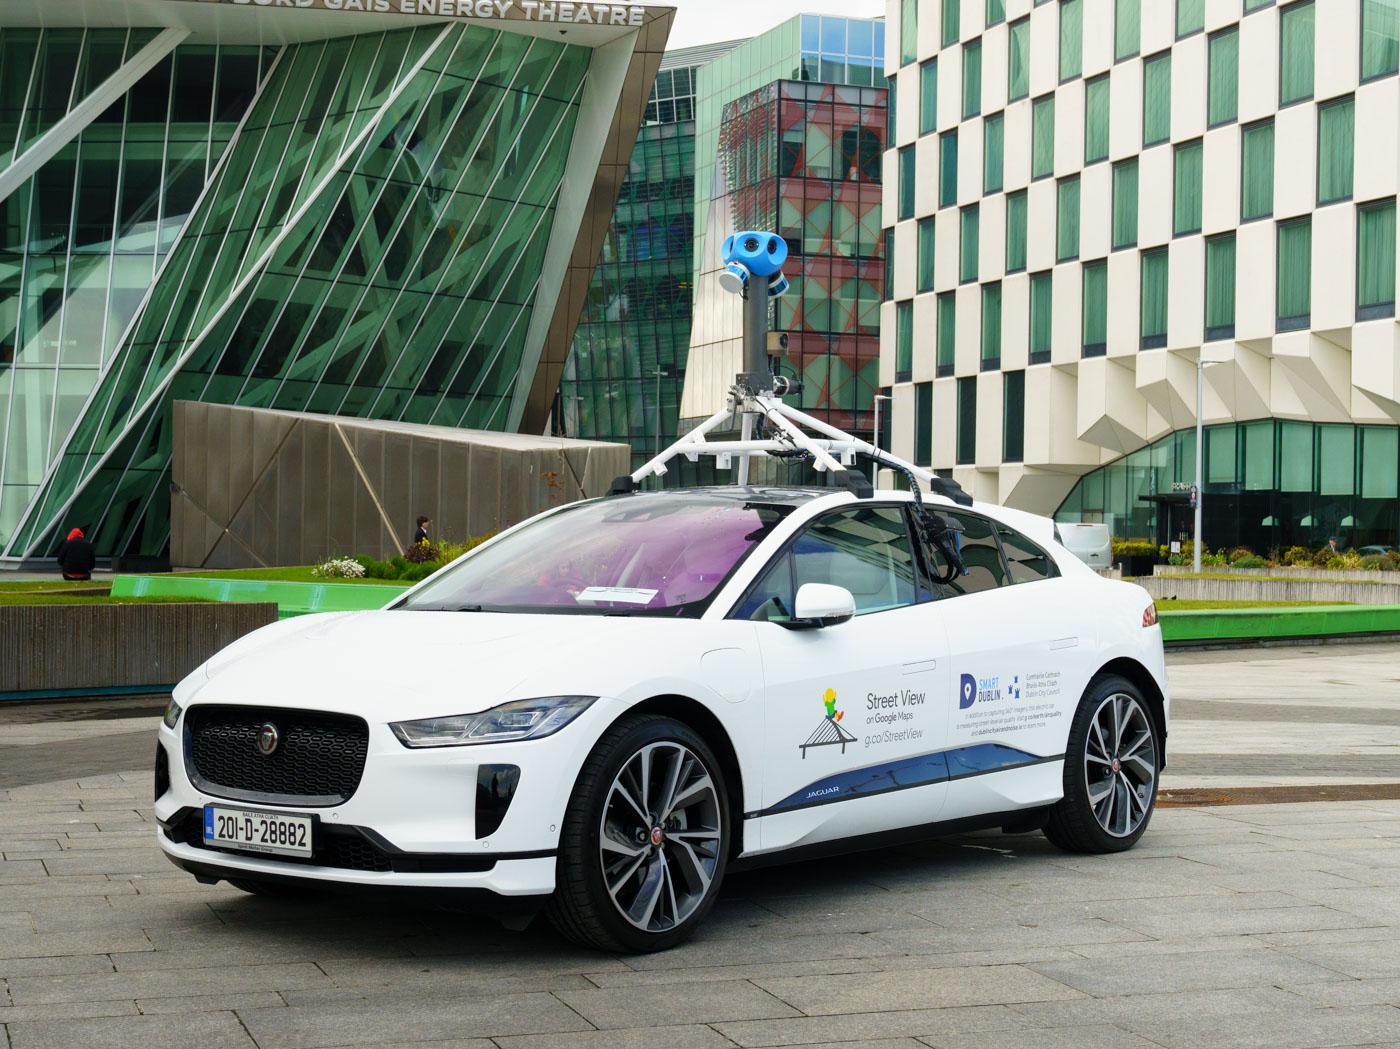 Jaguar-Land-Rover-cùng-Google-đo-chất-lượng-không-khí-với-xe-điện-I-Pace (2).jpg